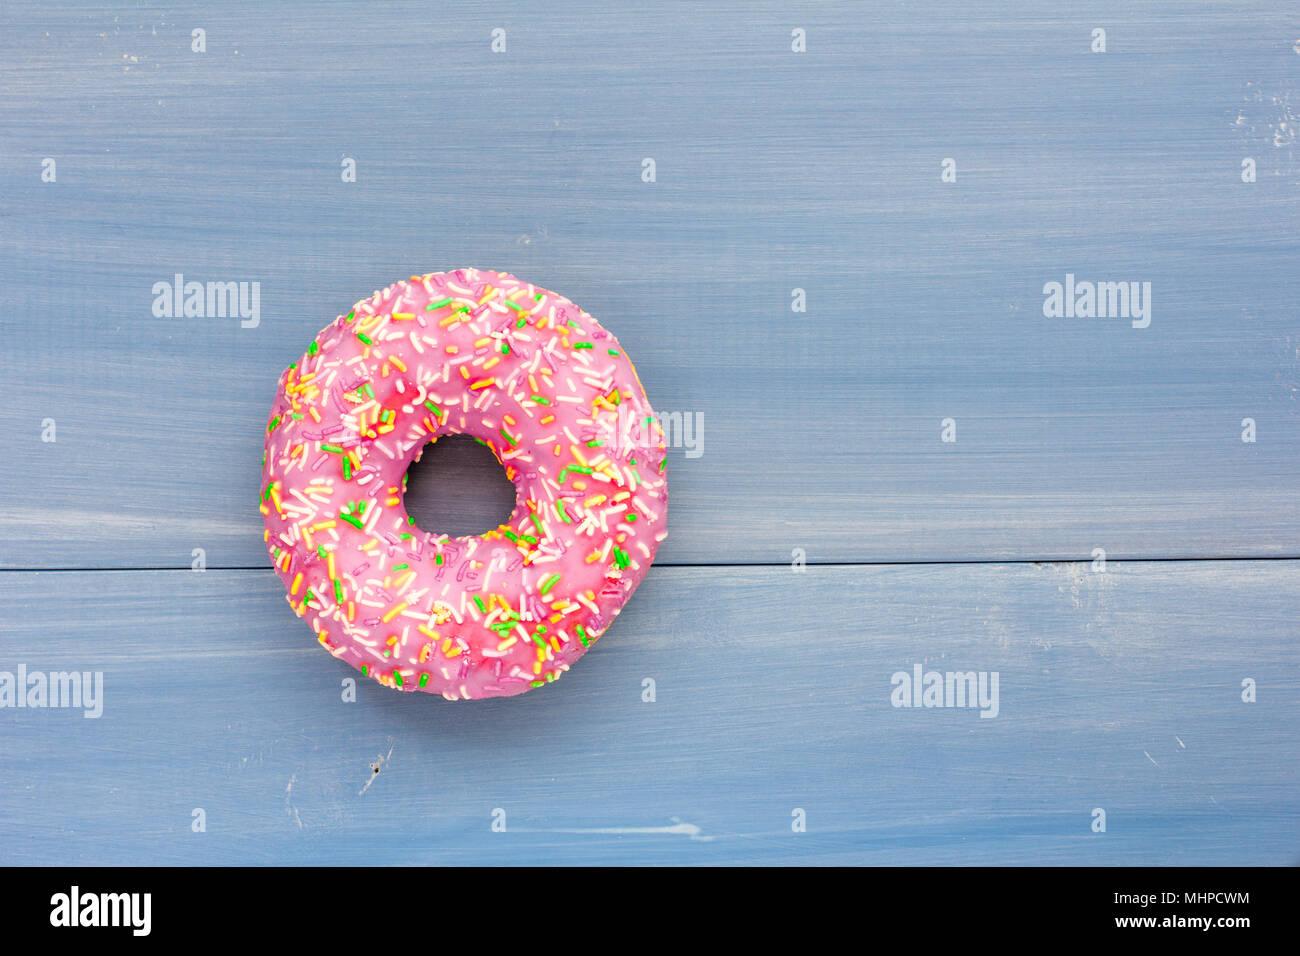 Un singolo ciambella sul blu sullo sfondo di legno Immagini Stock